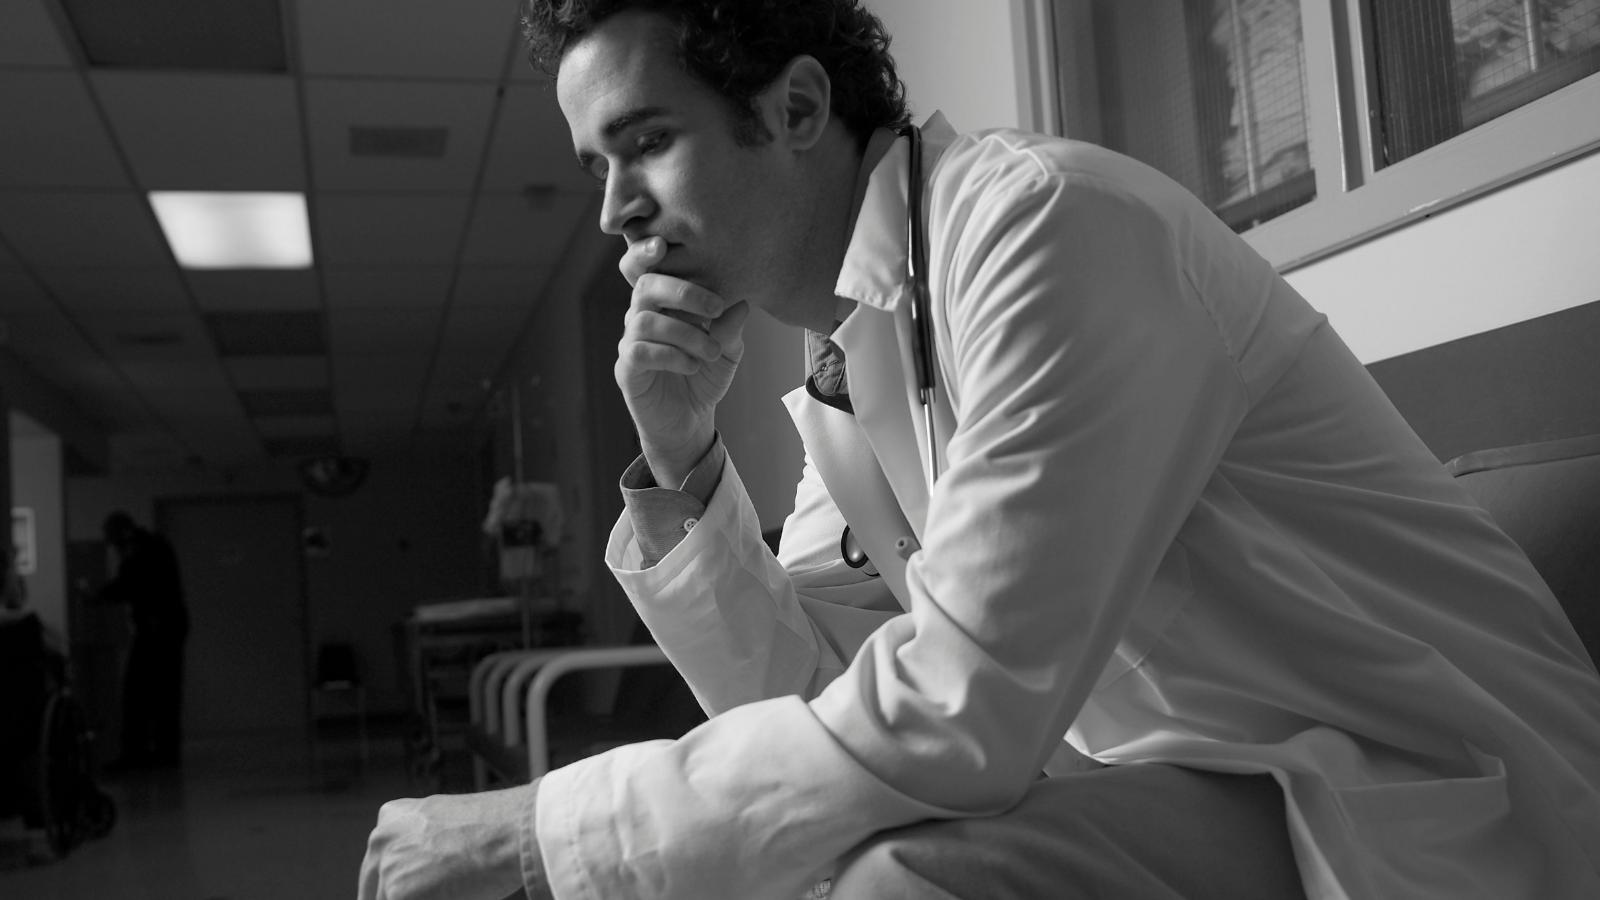 Las reclamaciones sitúan al médico en una posición más vulnerable que nunca